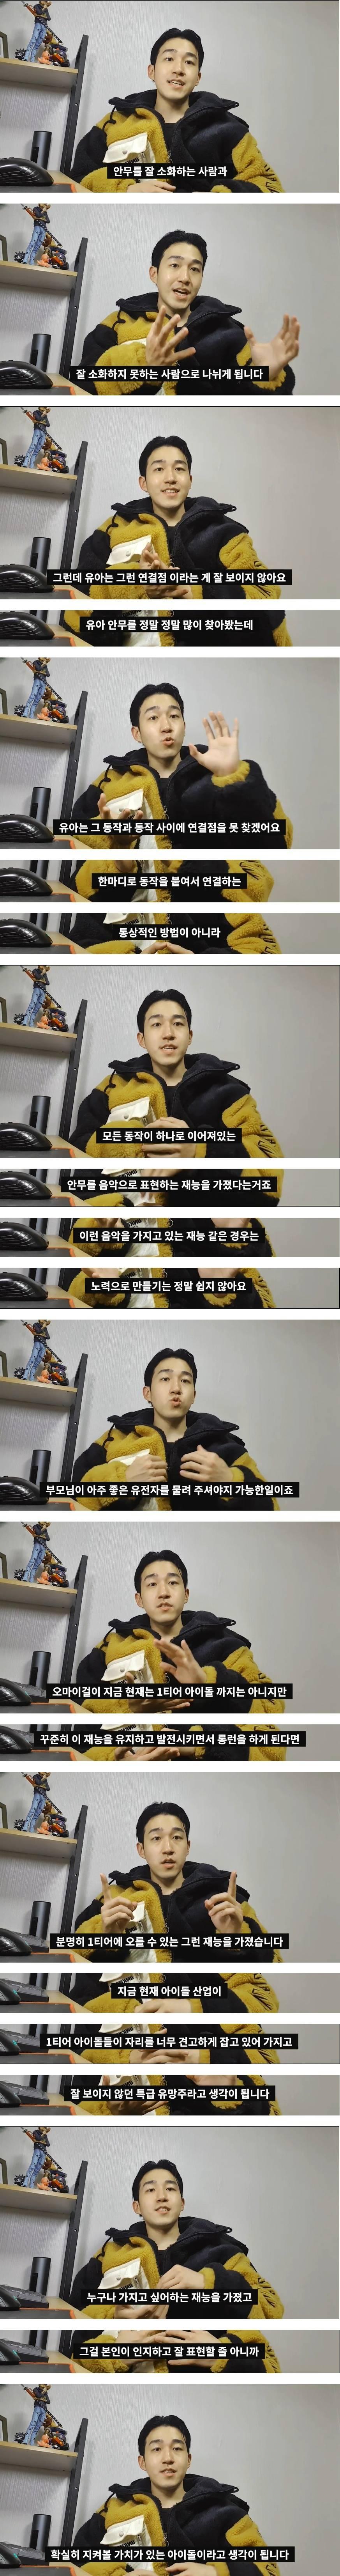 아이돌 트레이너가 말하는 오마이걸 유아의 재능.jpg | 인스티즈